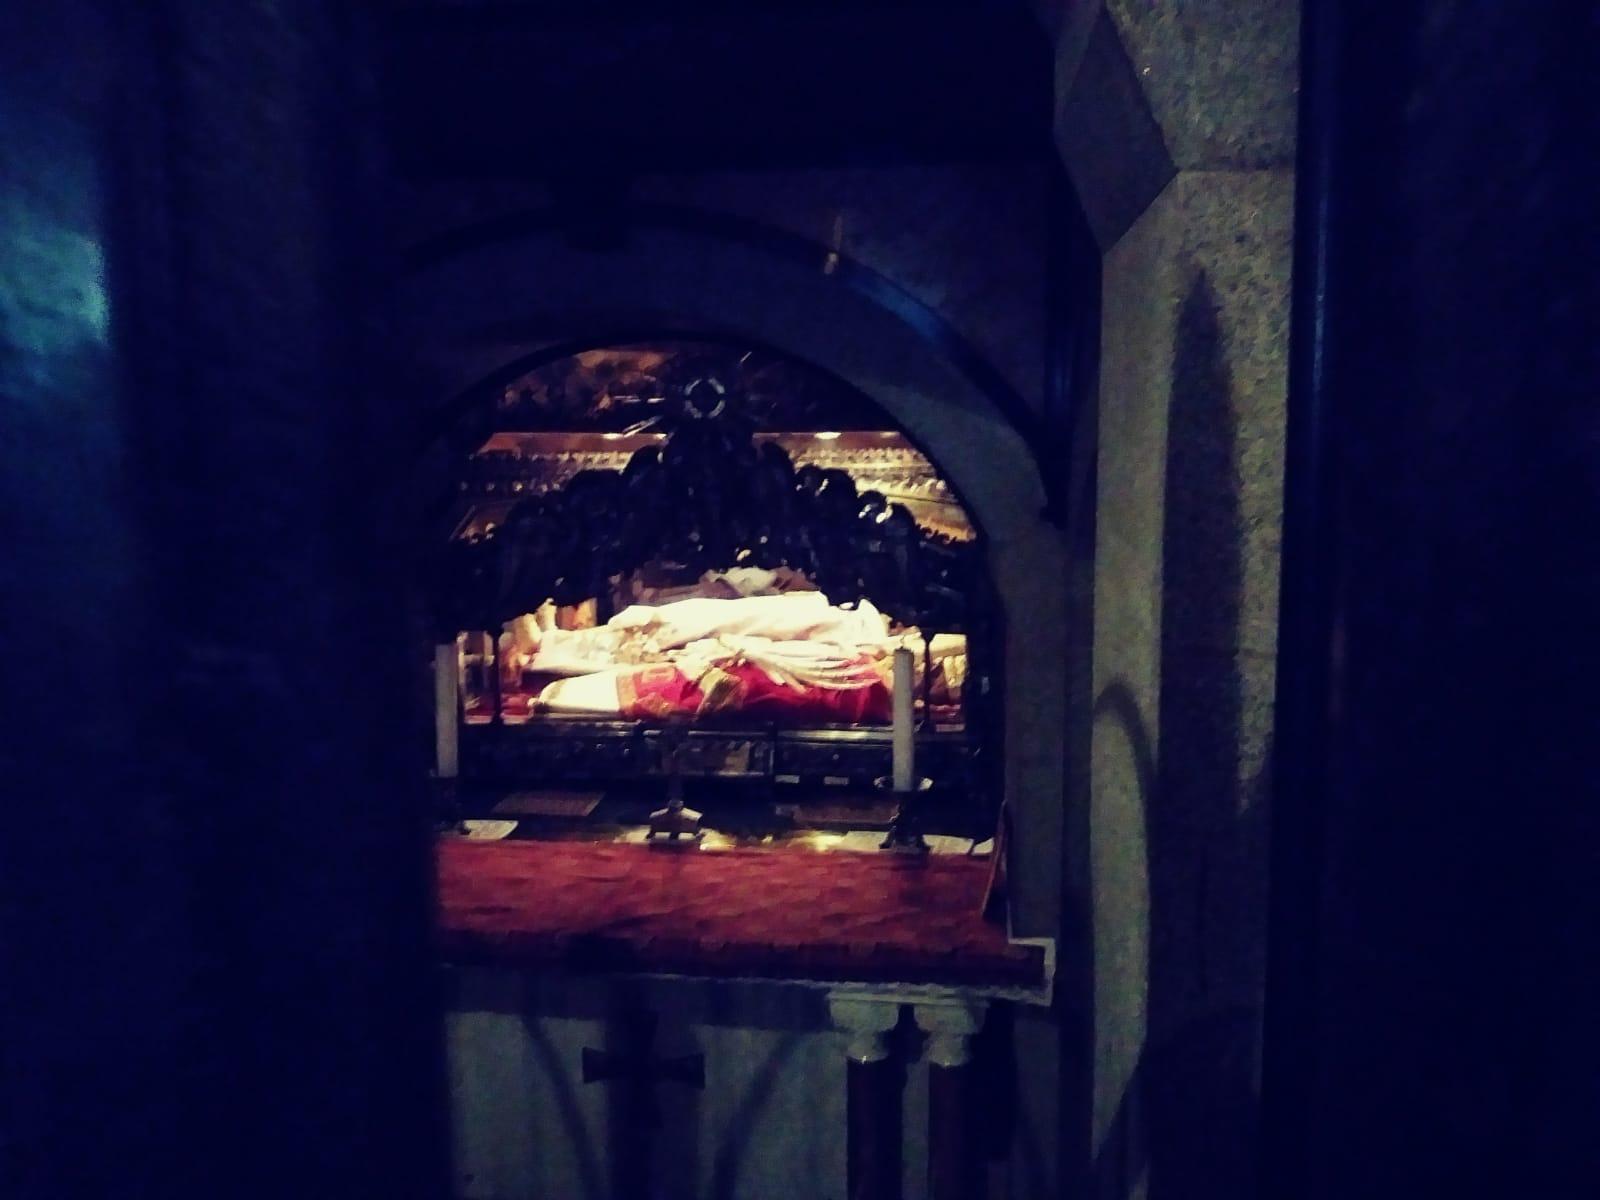 Foto di Valentina Fagnani. Milano, chiesa di Sant'Abrogio - cripta -: tomba di Sant'ambrogio, e dei martiri Gervasio e Protasio (Il Martino - ilmartino.it -) M'Art - Arte e cultura